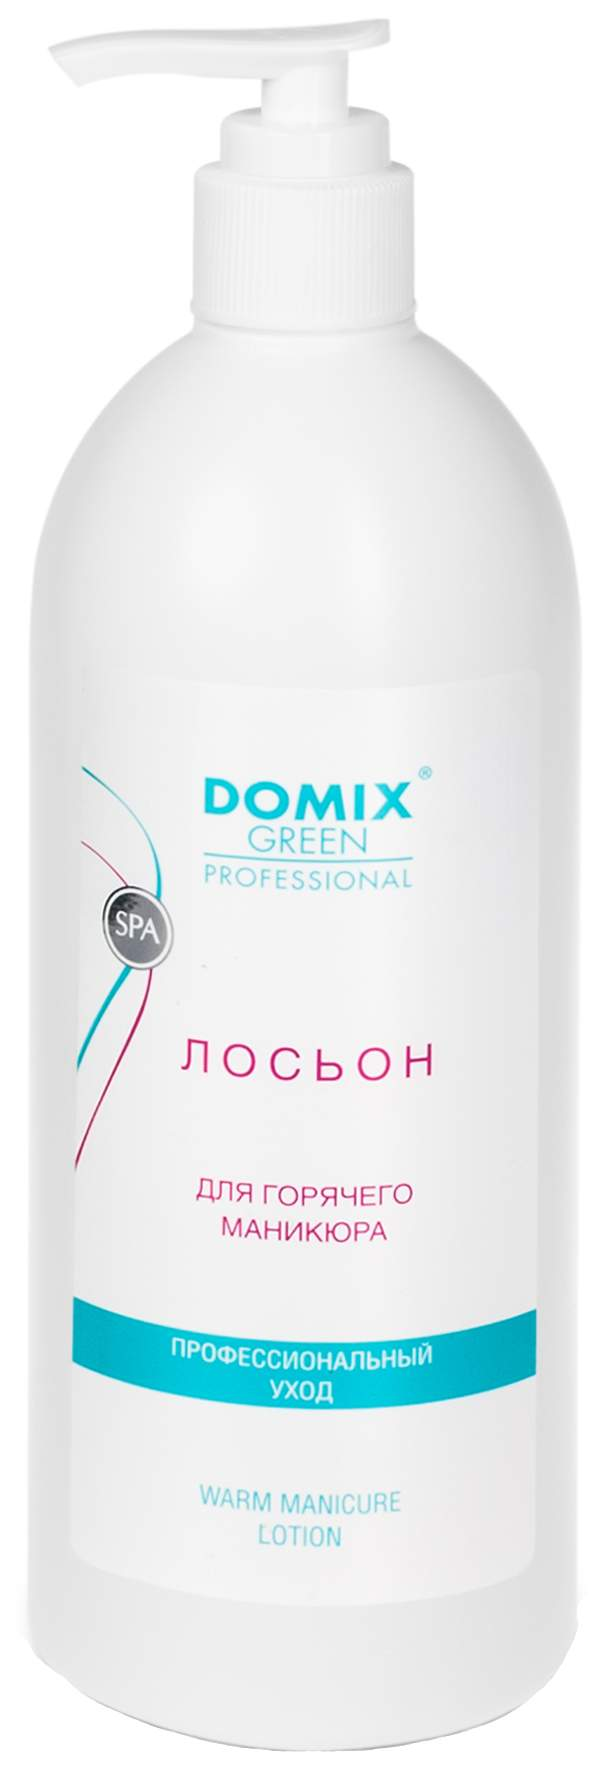 Лосьон для горячего маникюра Domix Green Professional 500 мл